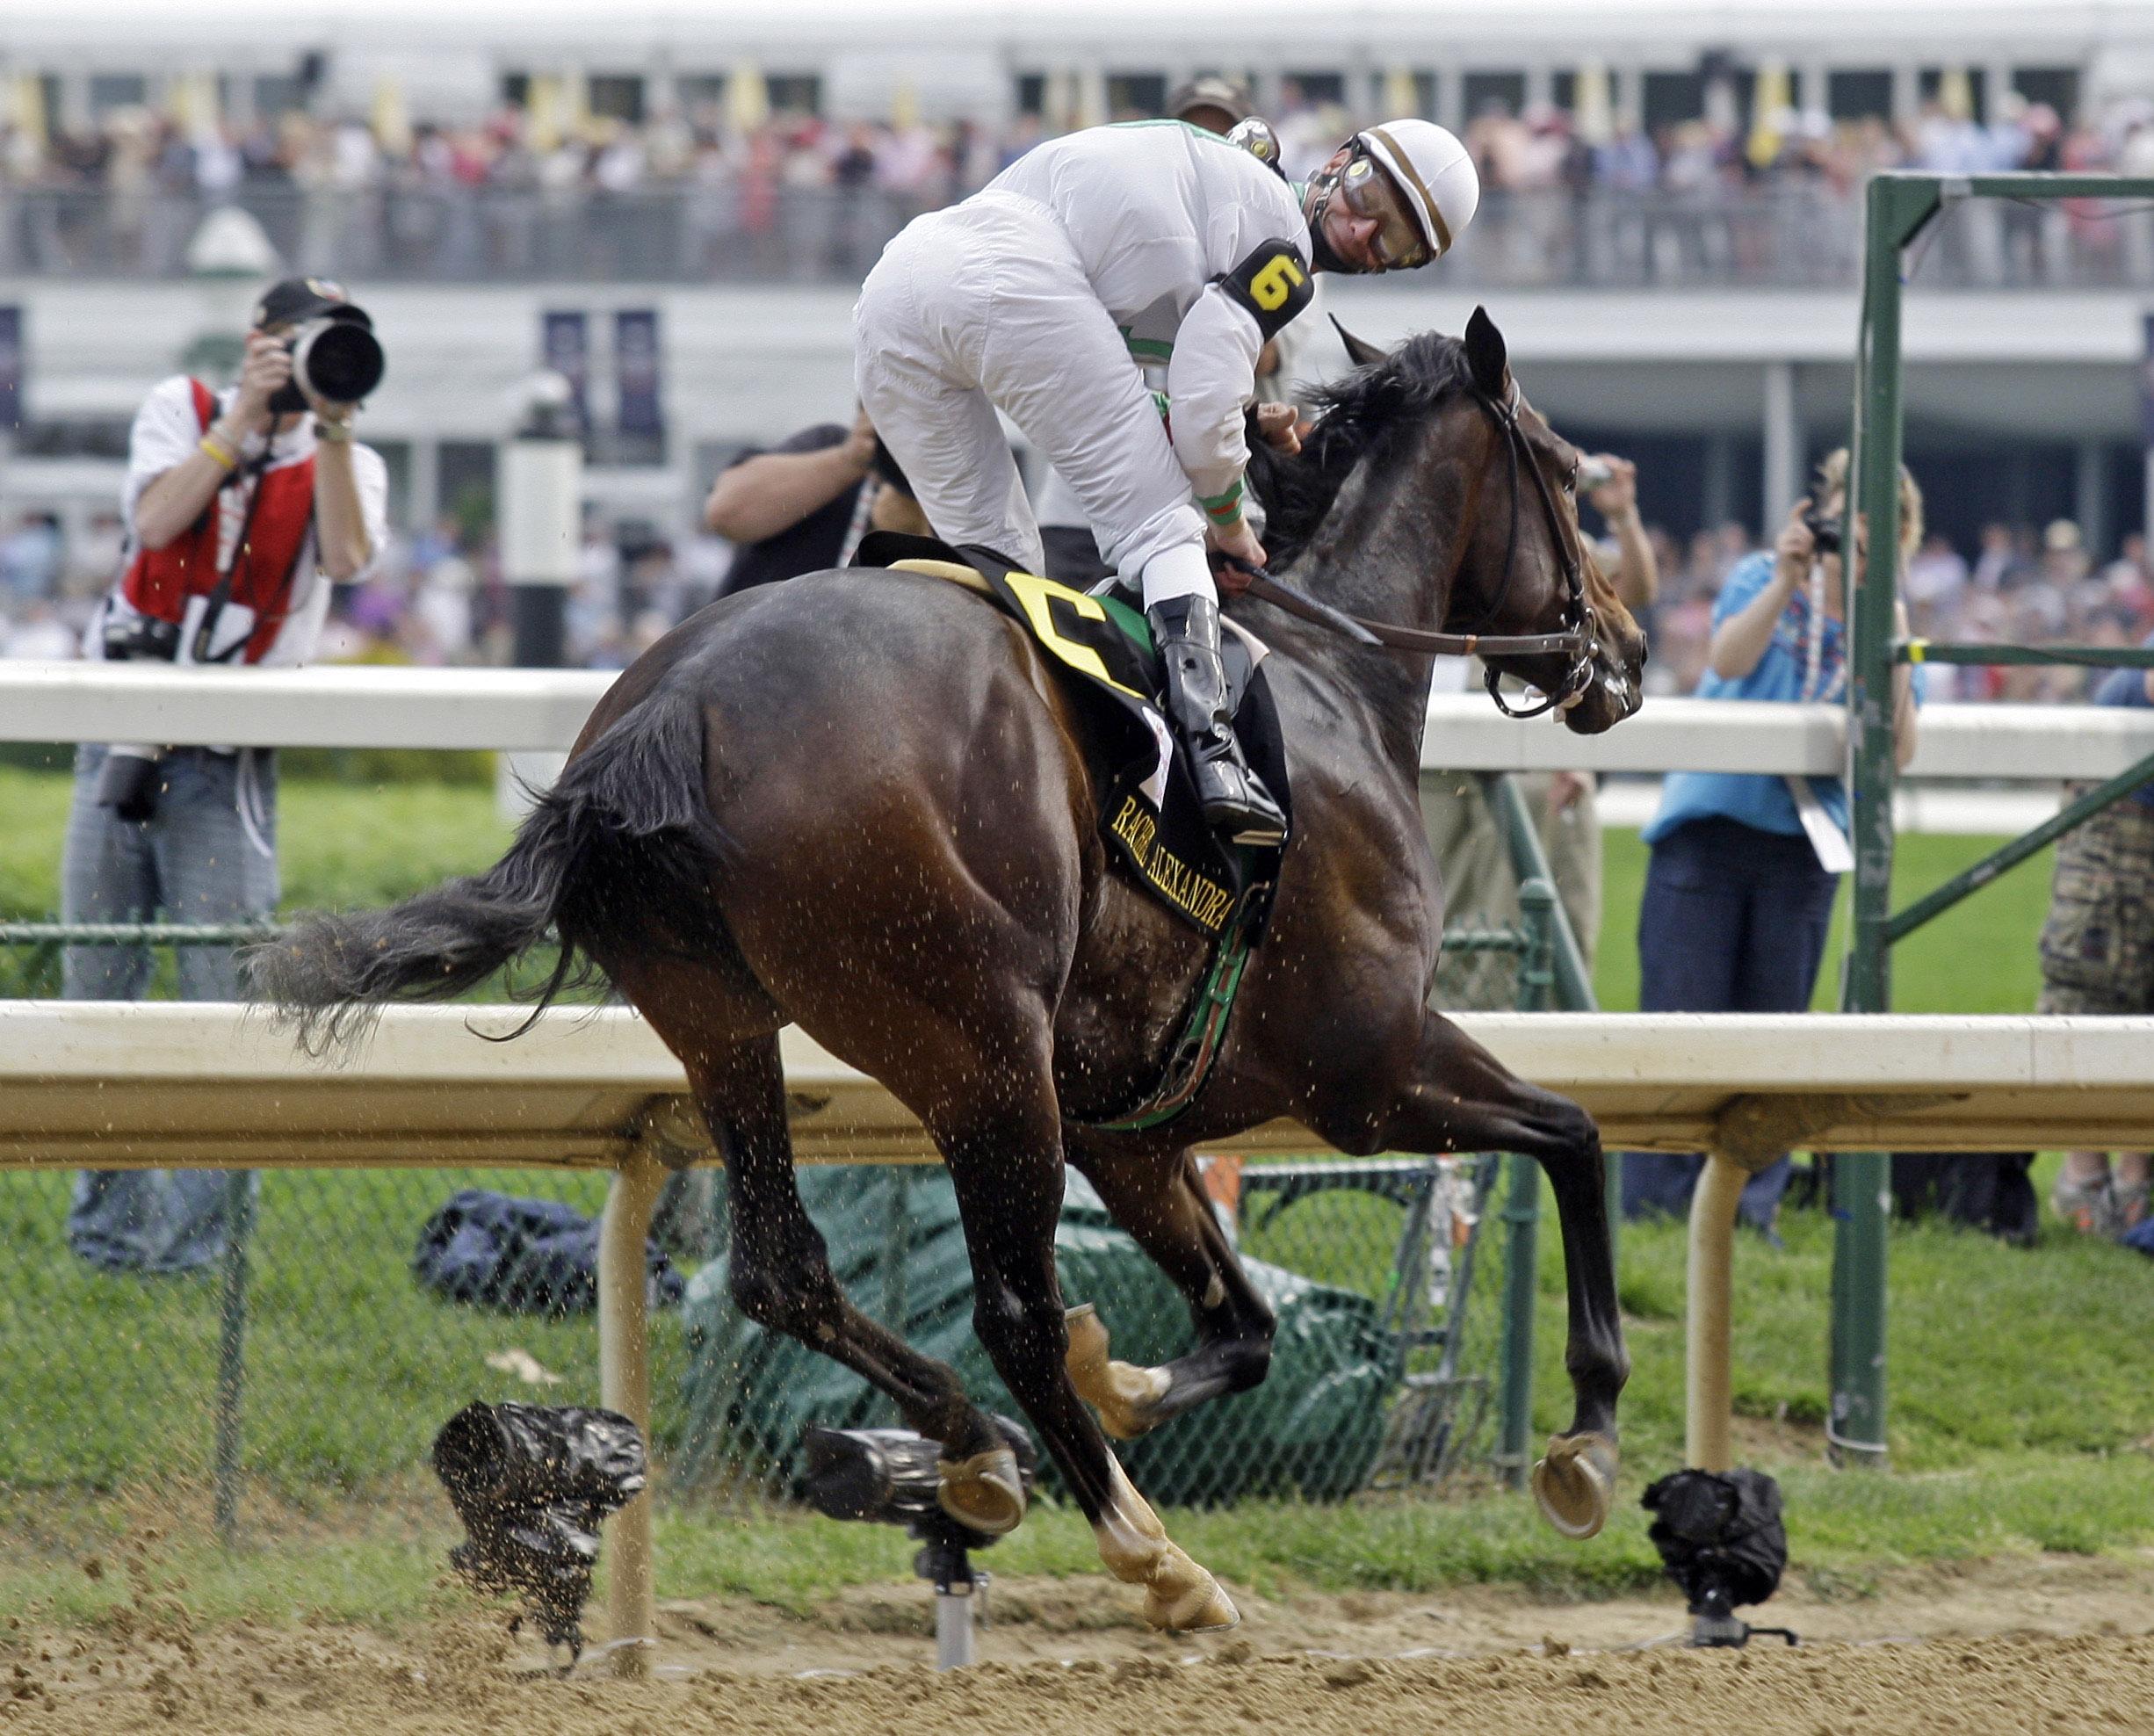 Rachel Alexandra winning the 2009 Kentucky Oaks, Calvin Borel up (Associated Press)